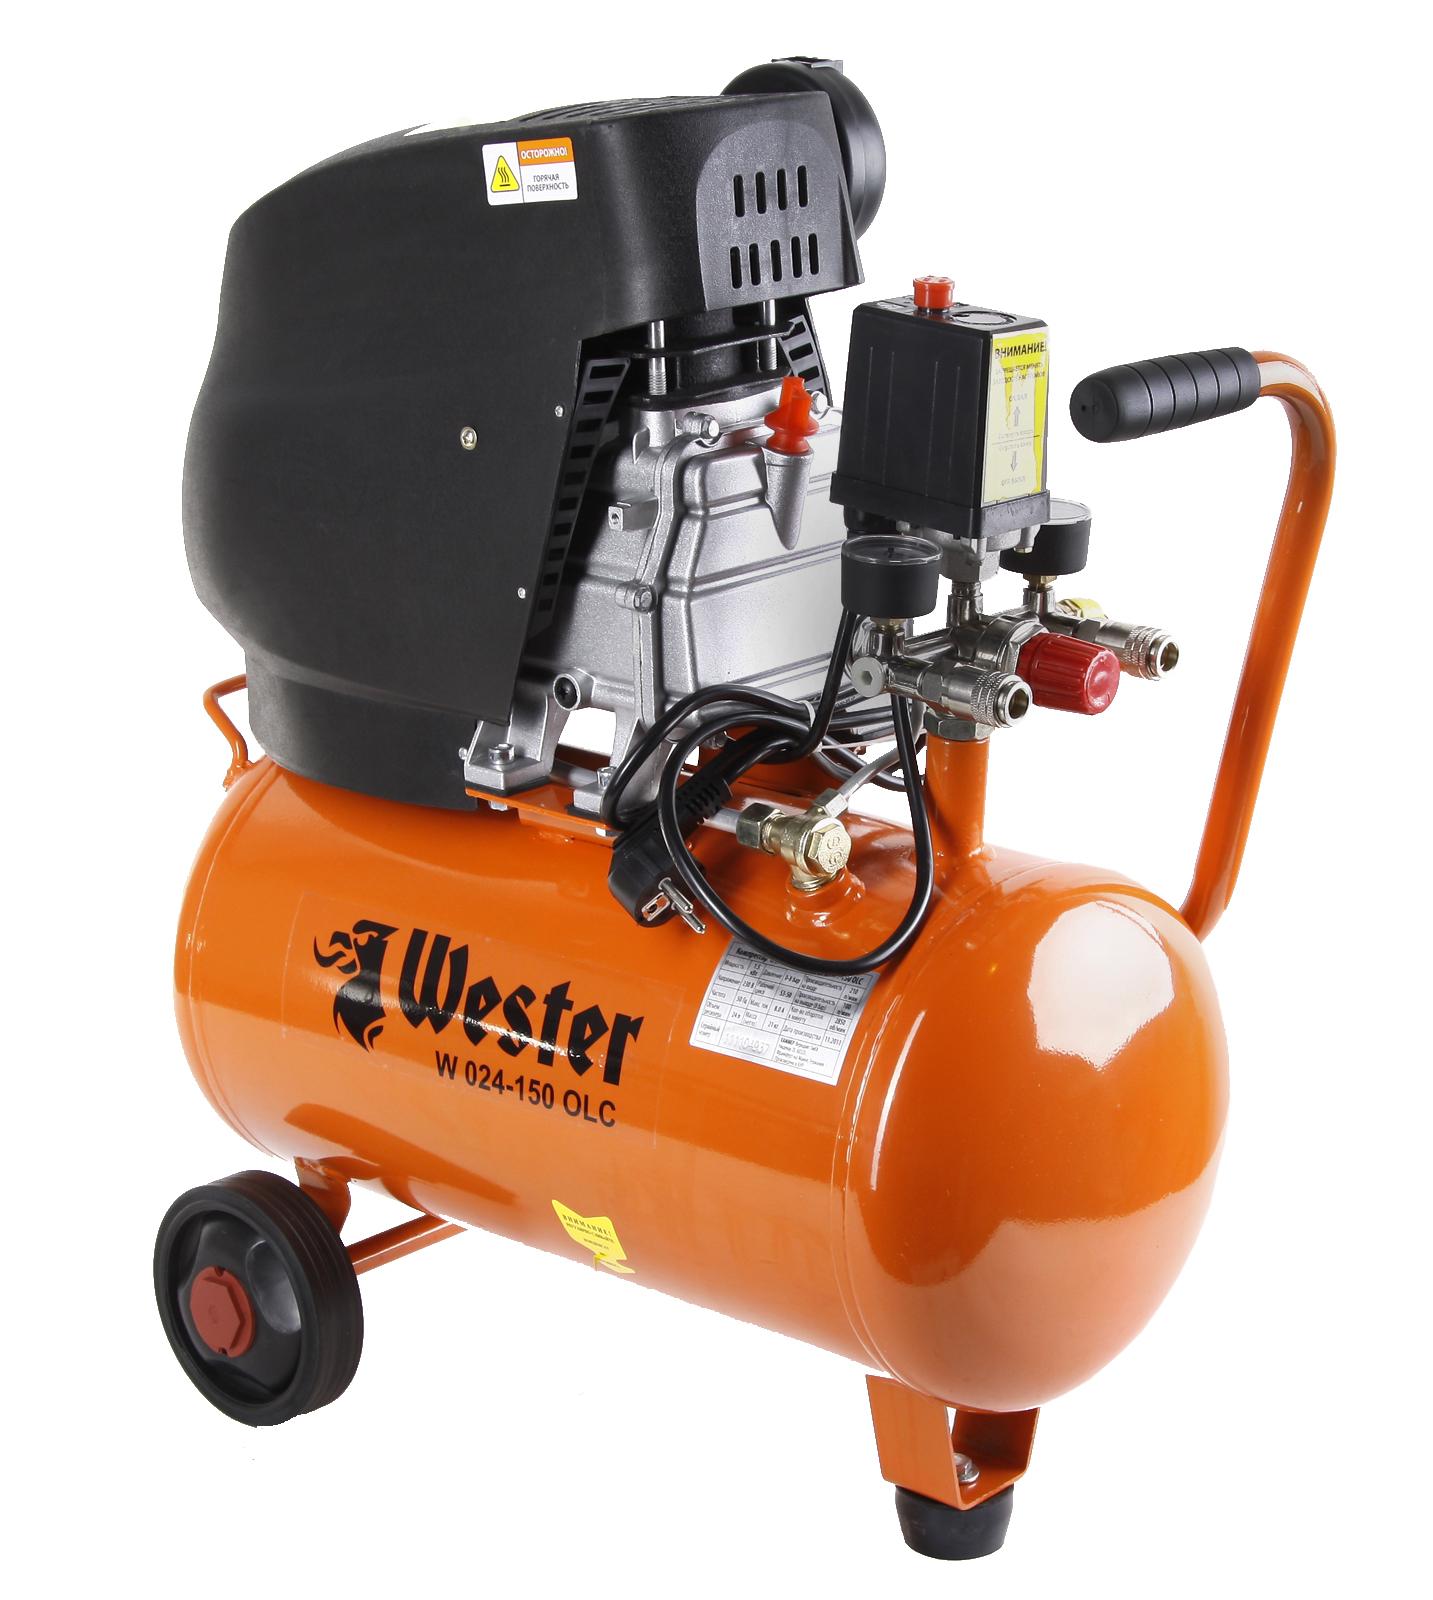 Компрессор поршневой Wester W 024-150 olc